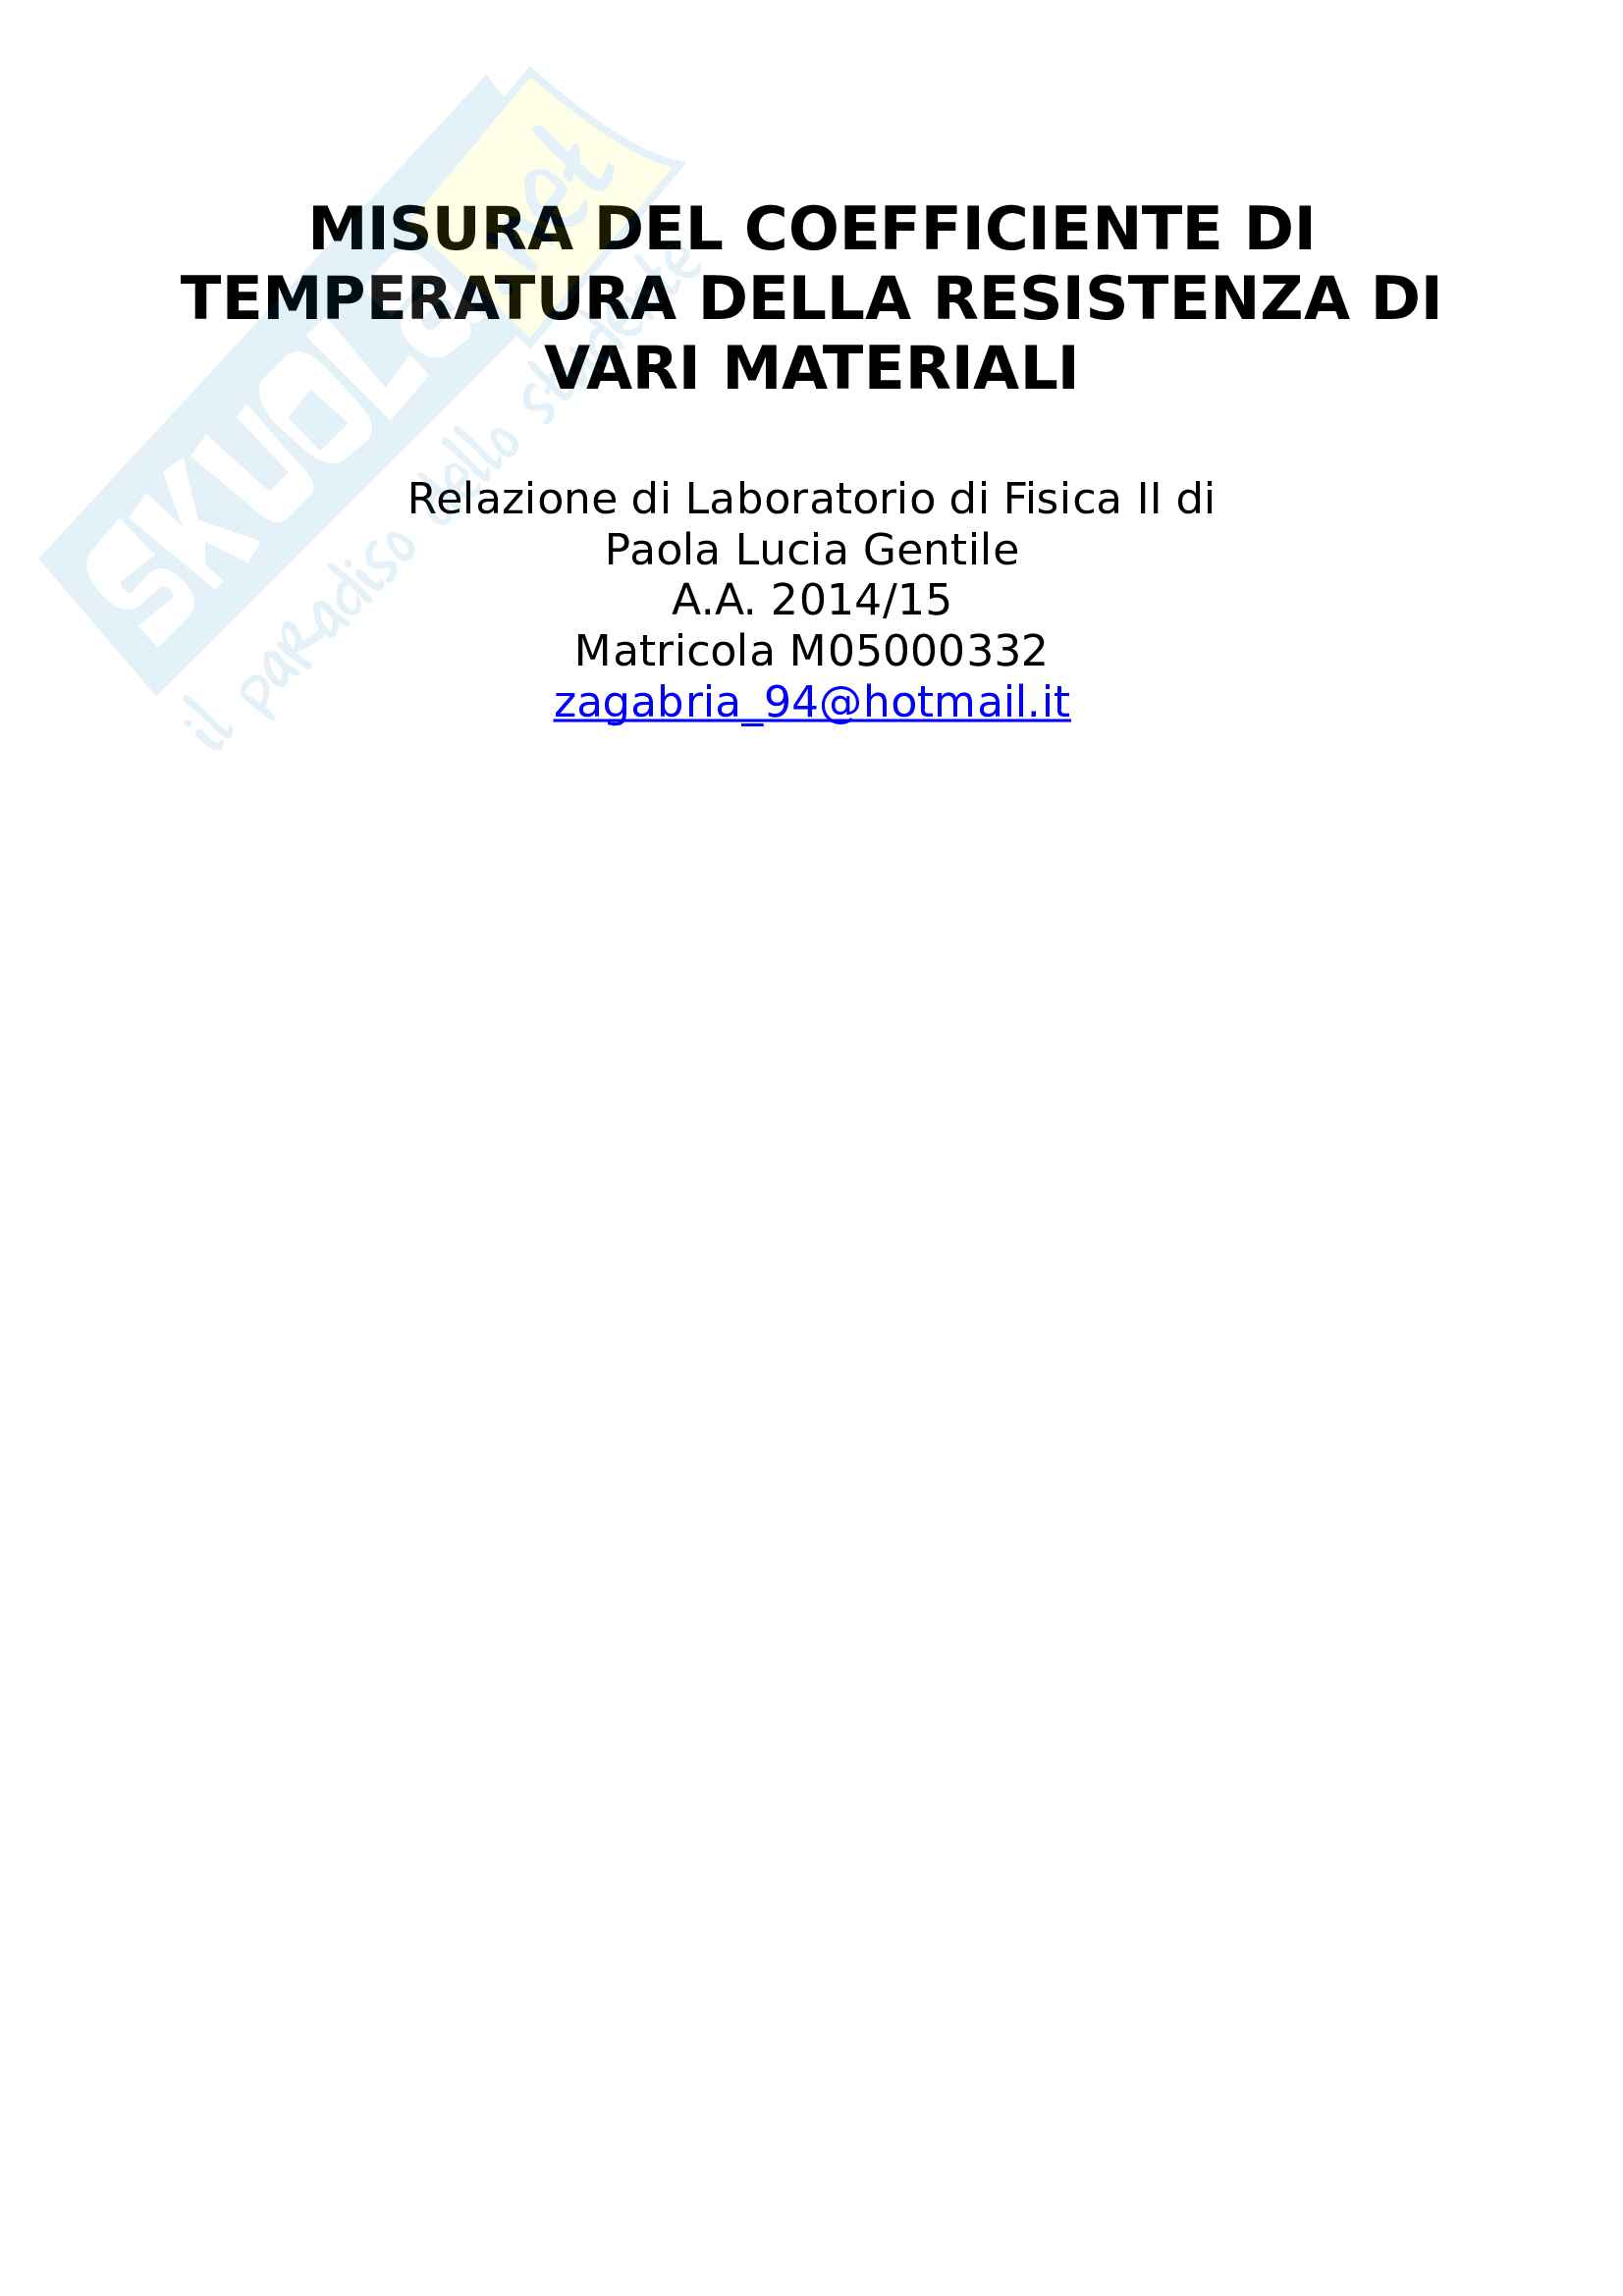 Relazione Misura del coefficiente di temperatura della resistenza di vari materiali